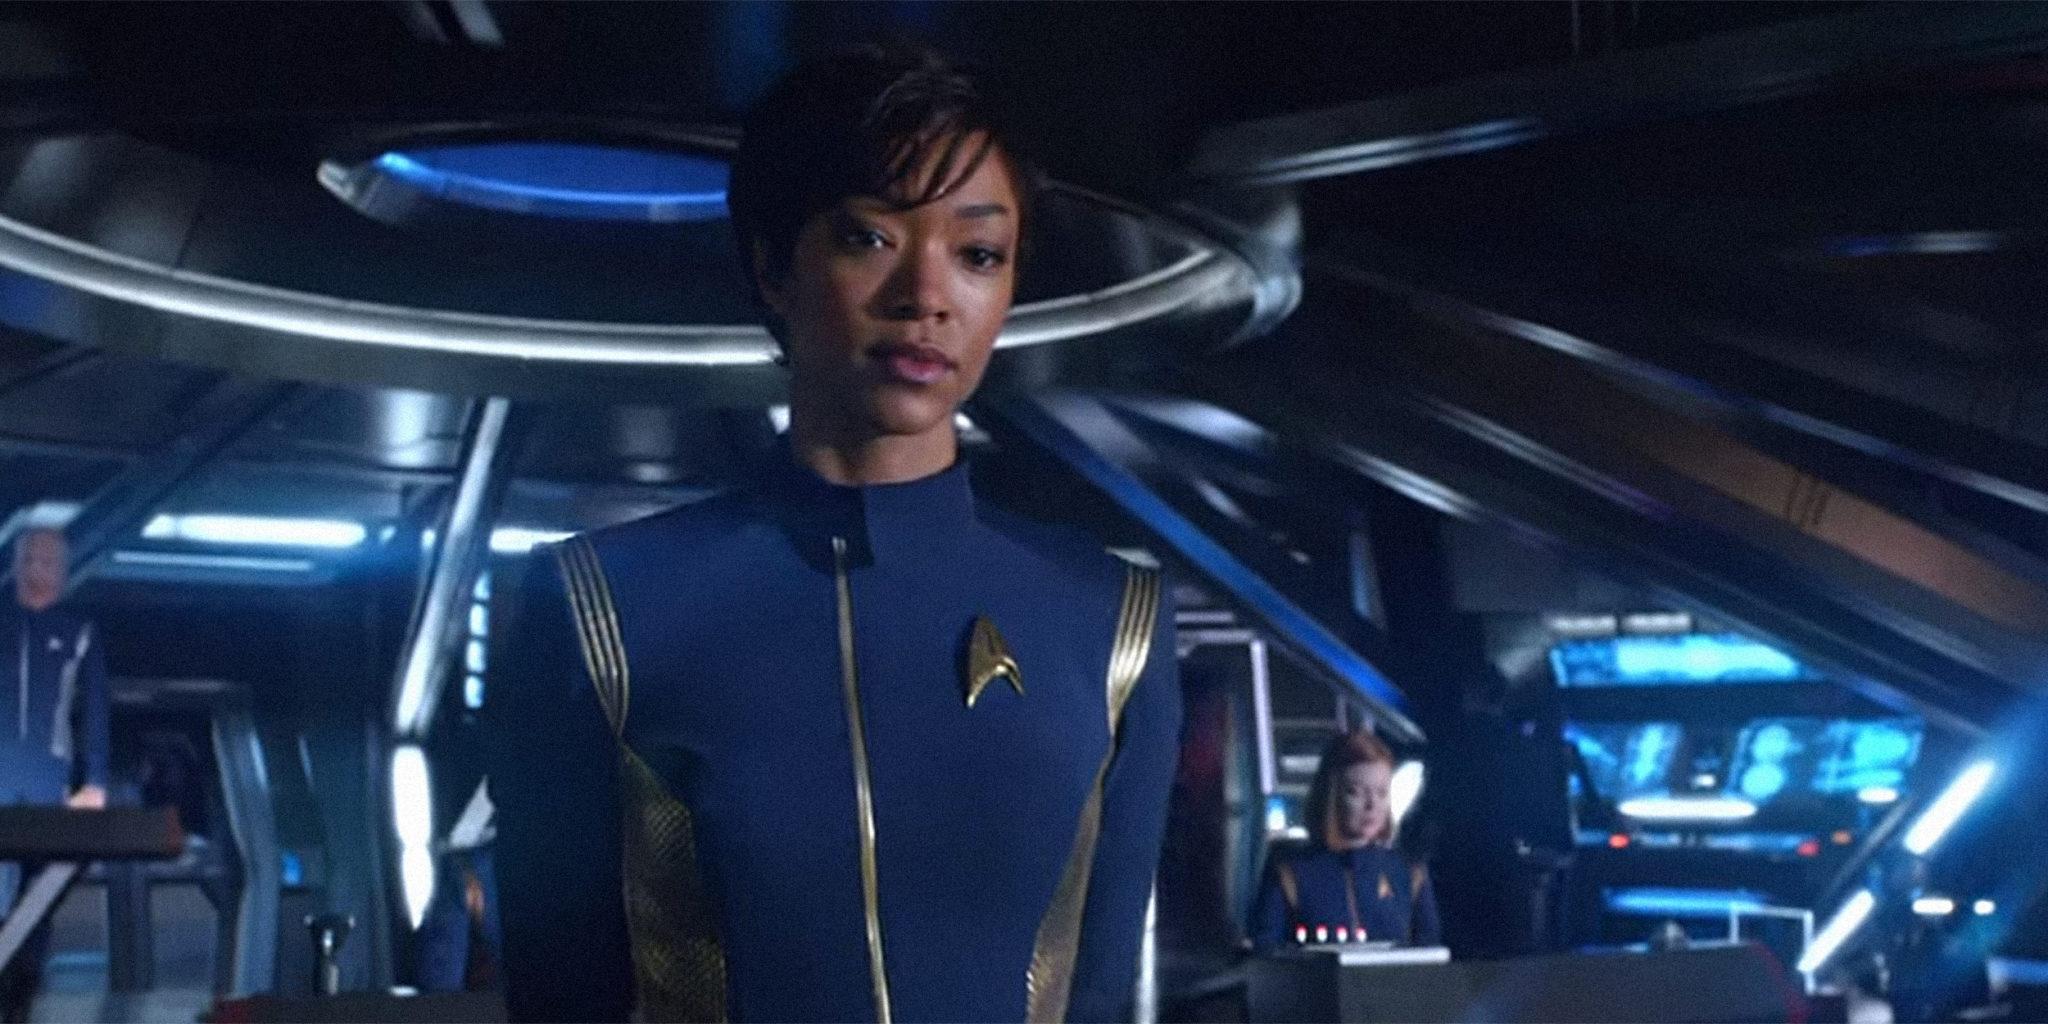 O tom mais dark - Discovery recebeu várias críticas porque em comparação às outras séries é bem pouco otimista, especialmente na 1ª temporada. Mas eu particularmente gosto!